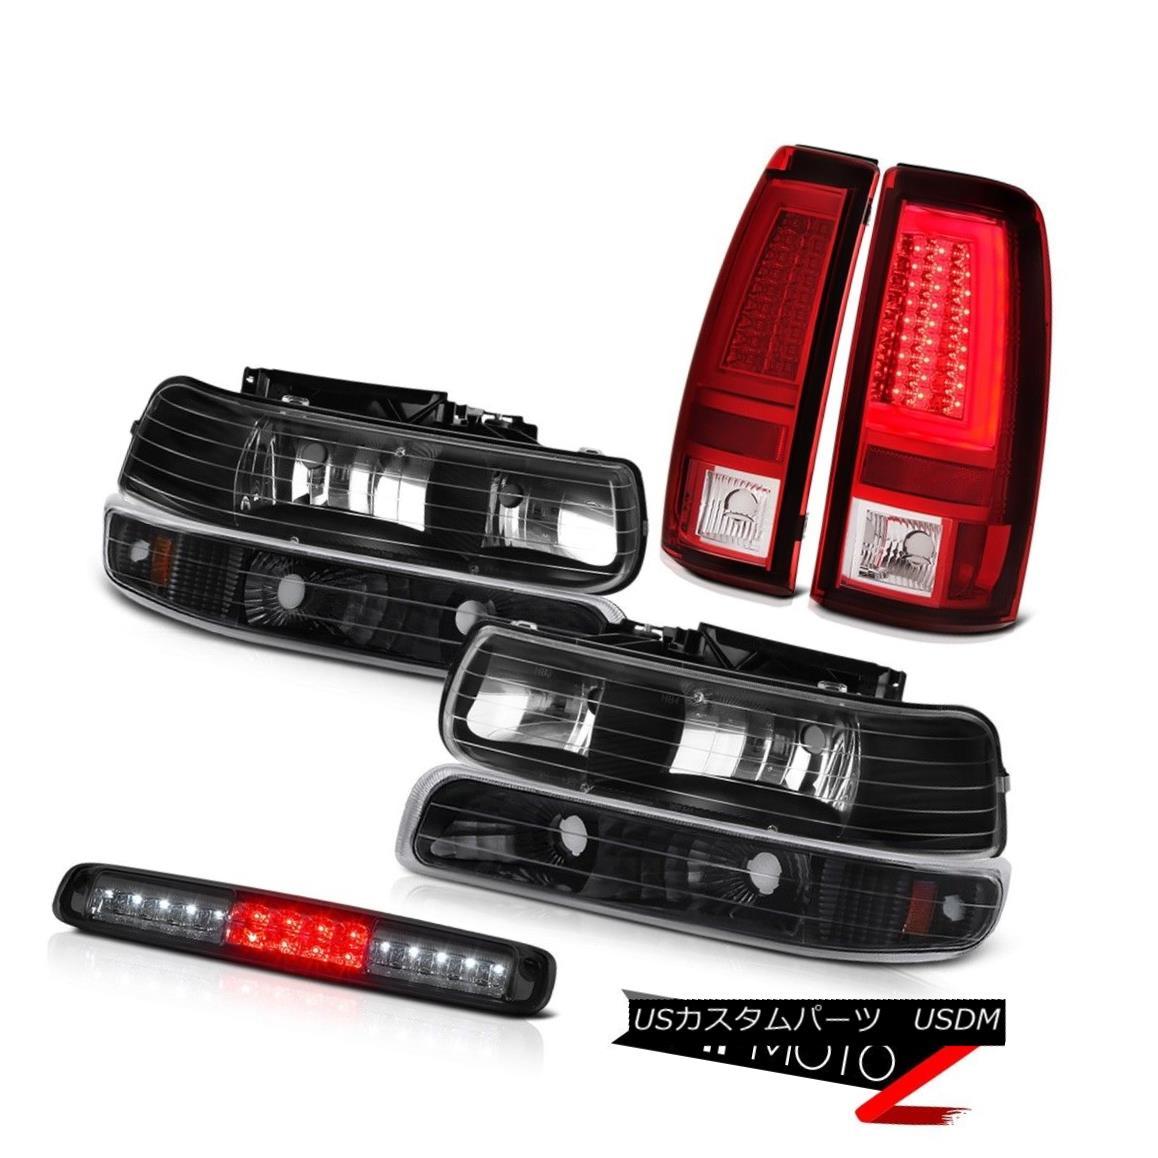 ヘッドライト 99-02 Silverado 1500 Rosso Red Tail Brake Lamps 3rd Light Headlights